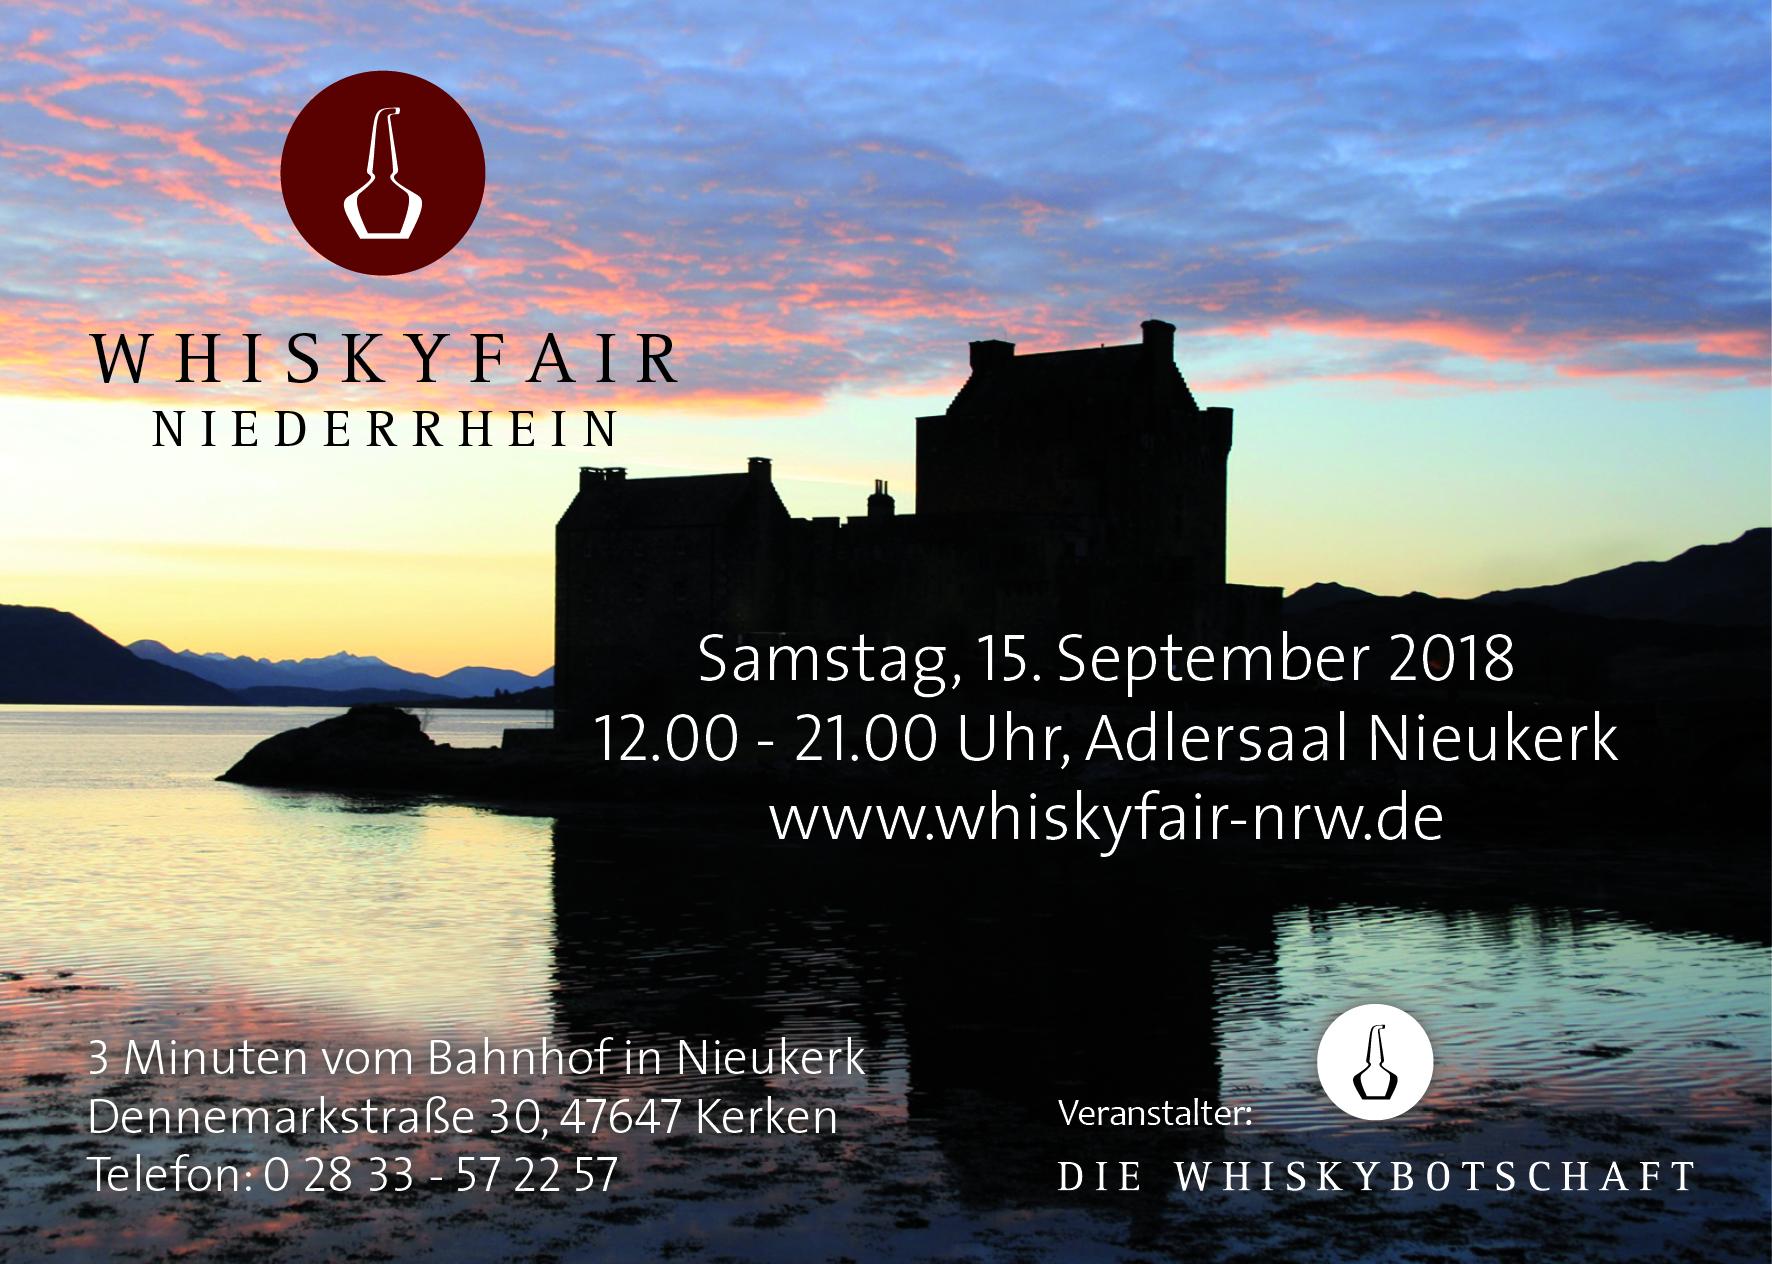 Am 15. September 2018 startet die 4. Whiskymesse am Niederrhein!